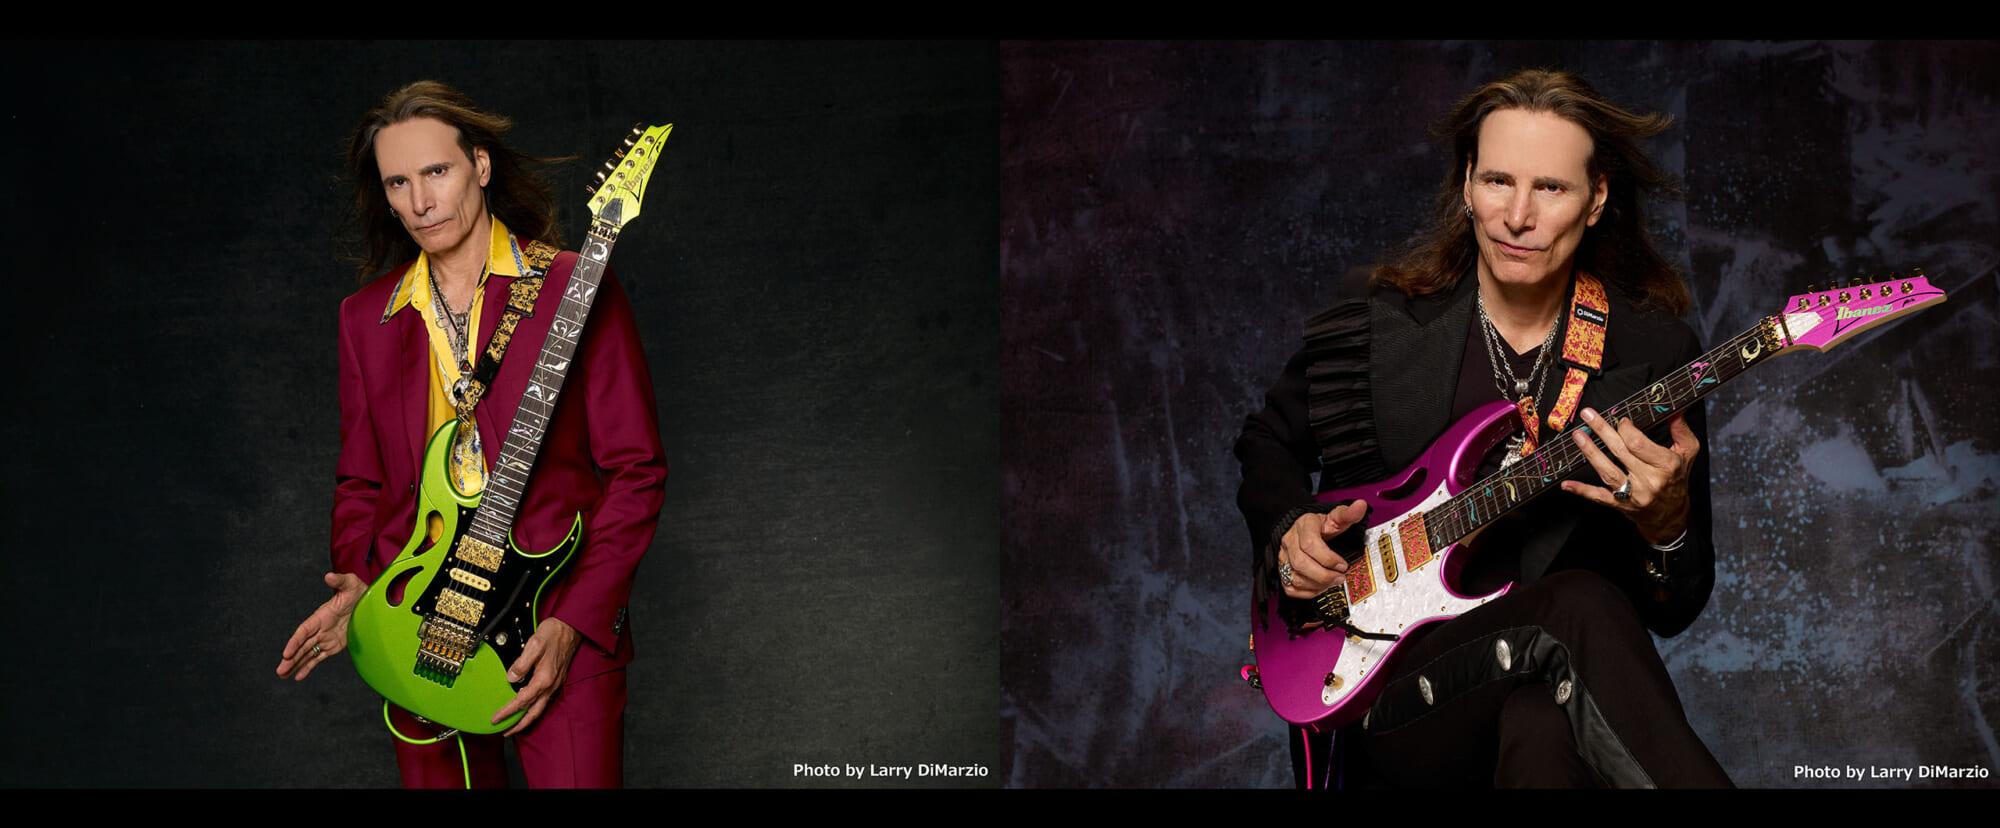 """スティーヴ・ヴァイのシグネチャー・ギター""""PIA"""" 限定生産の2機種とシリーズの特徴を紹介"""